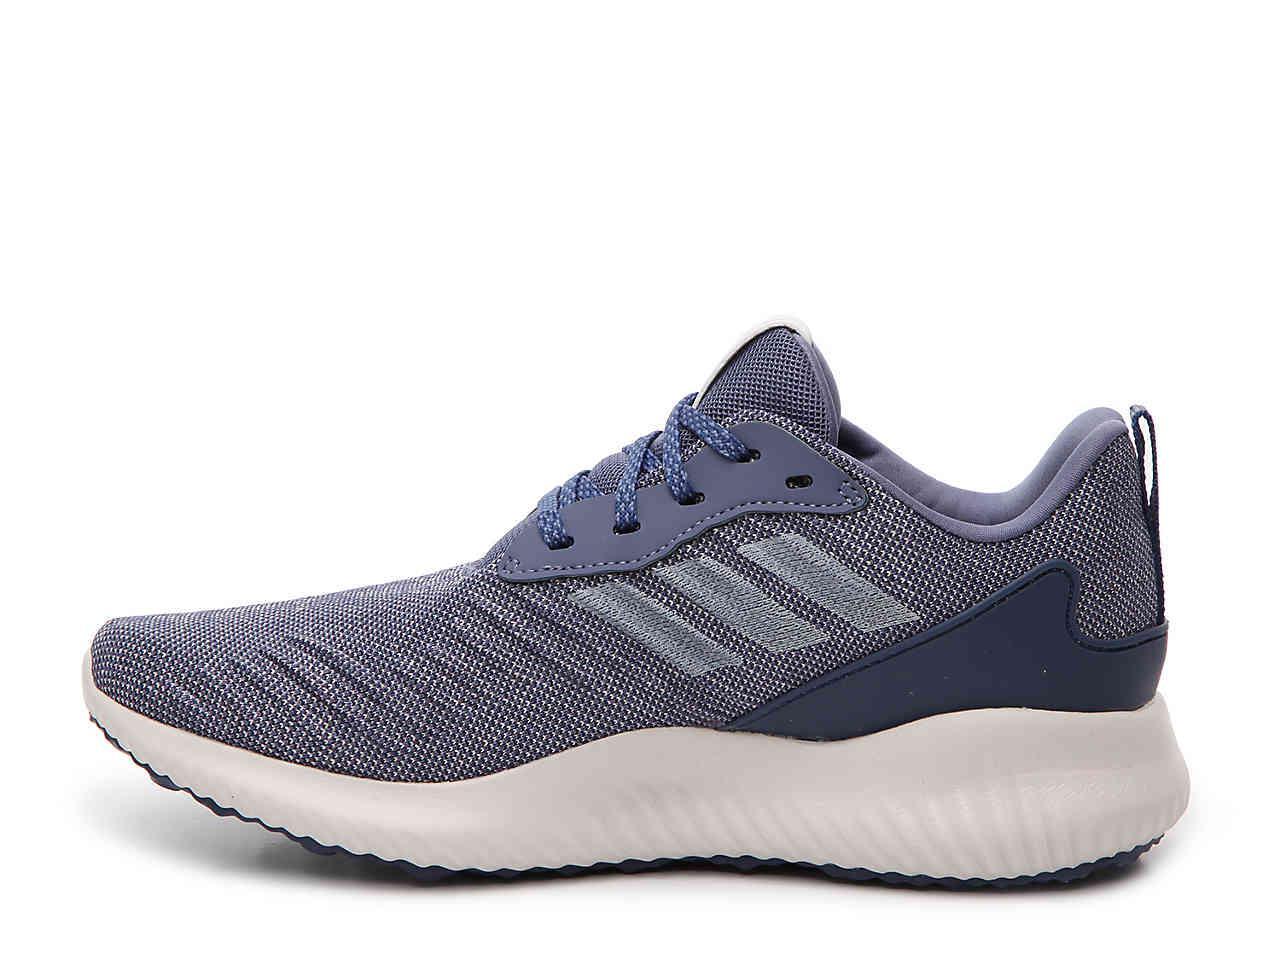 lyst adidas alphabounce rc scarpa da corsa in blu per gli uomini.